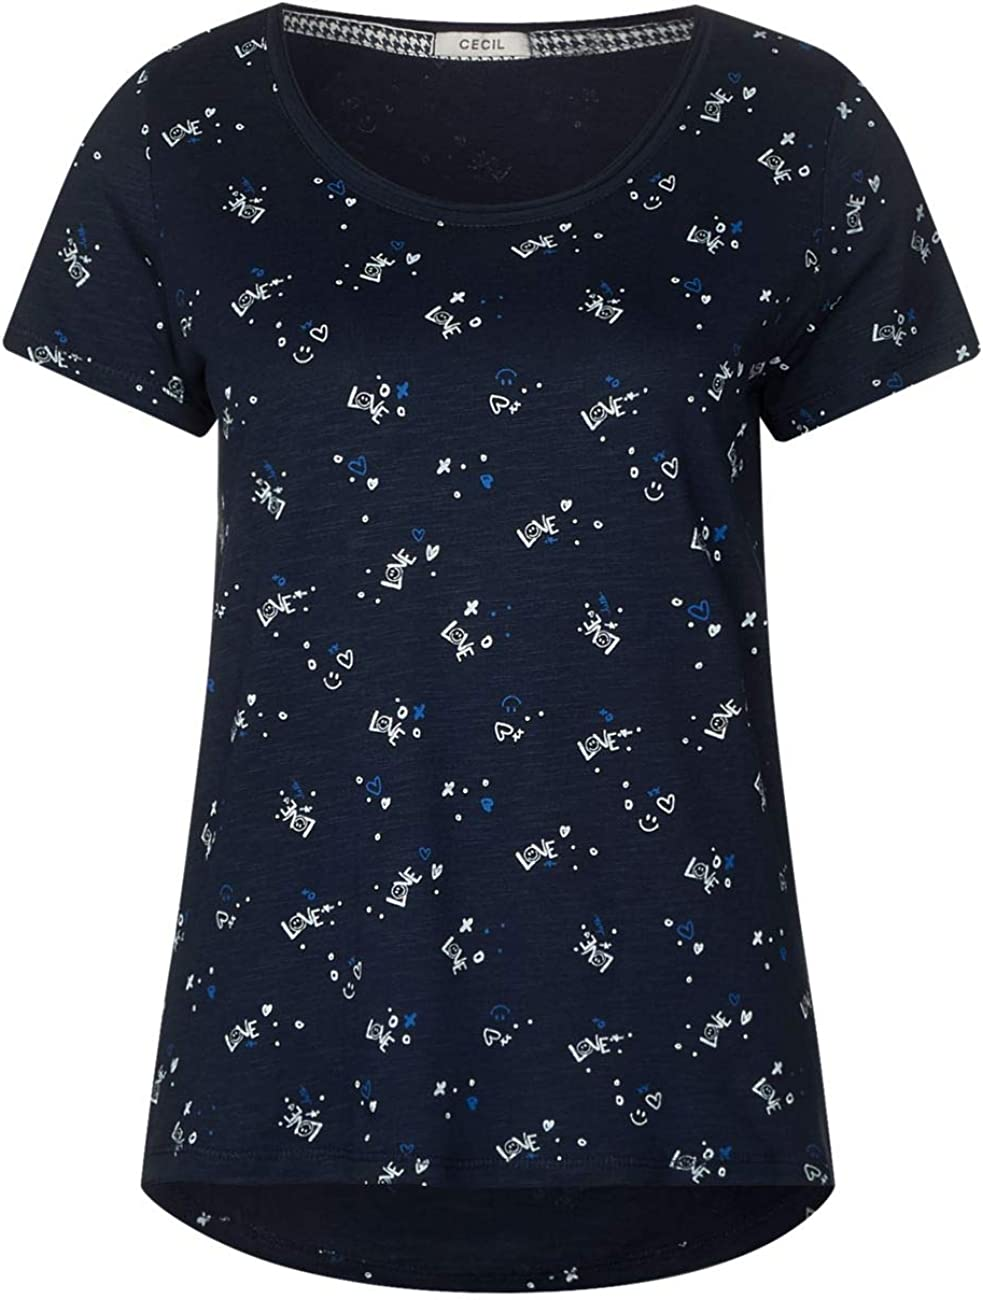 Cecil Womens T-Shirt